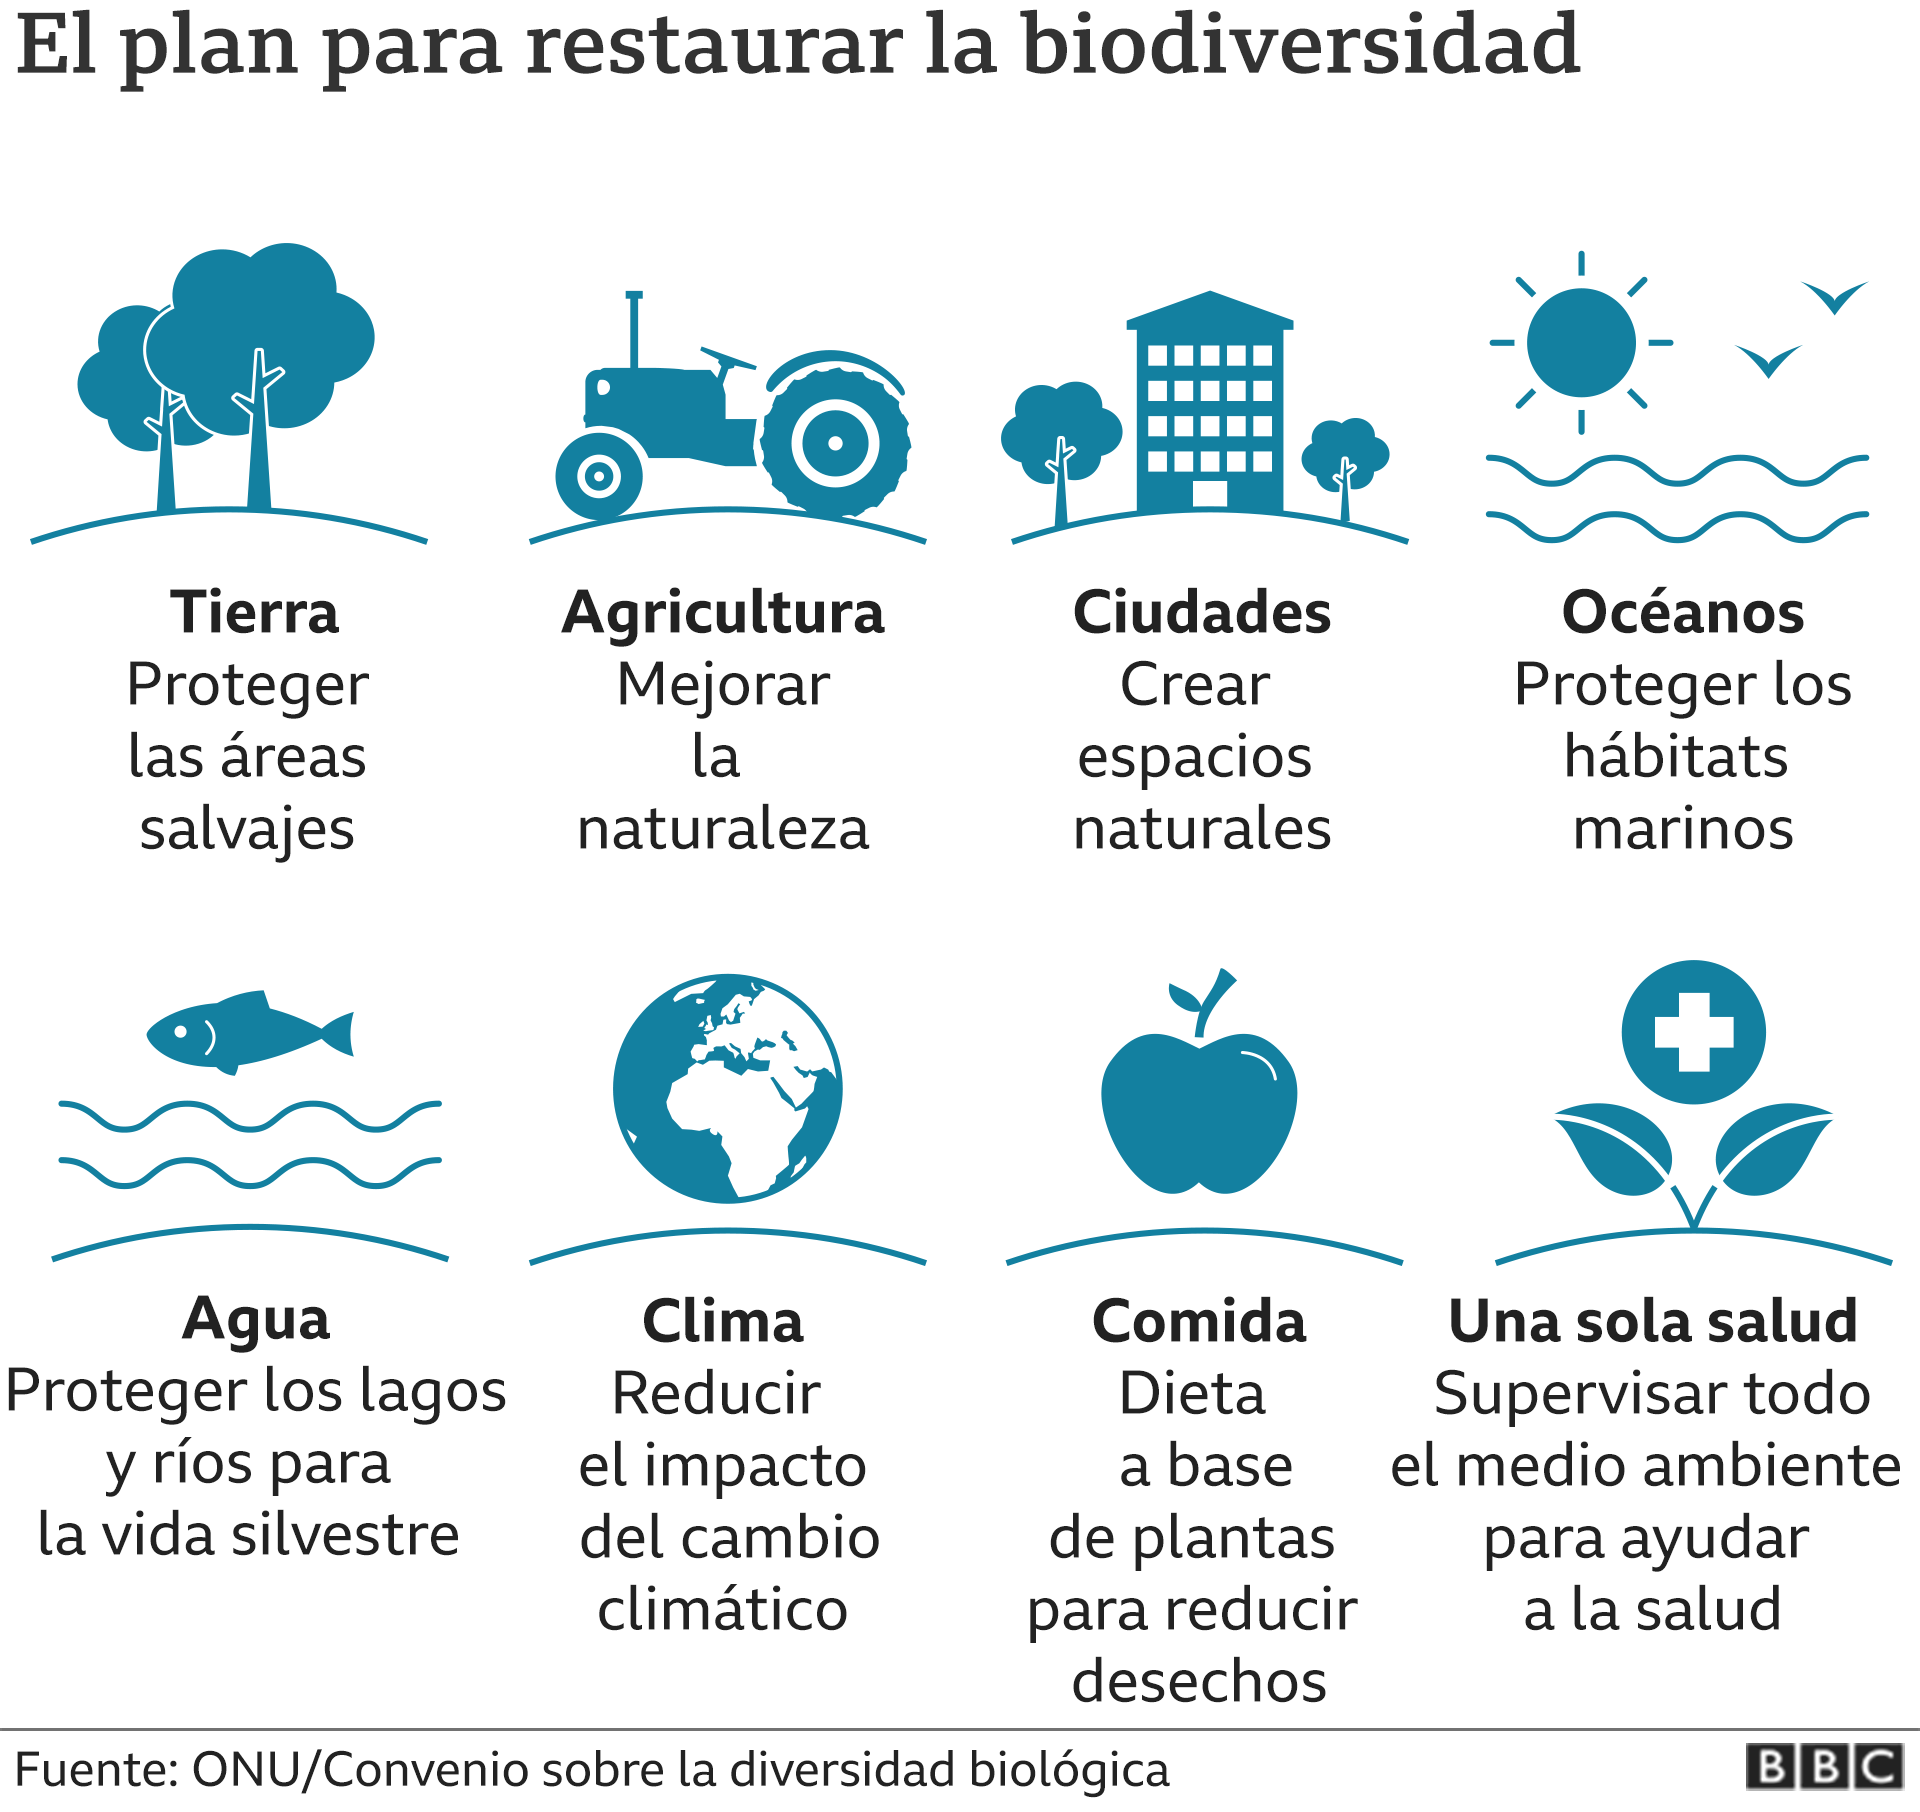 El plan para restaurar la biodiversidad.